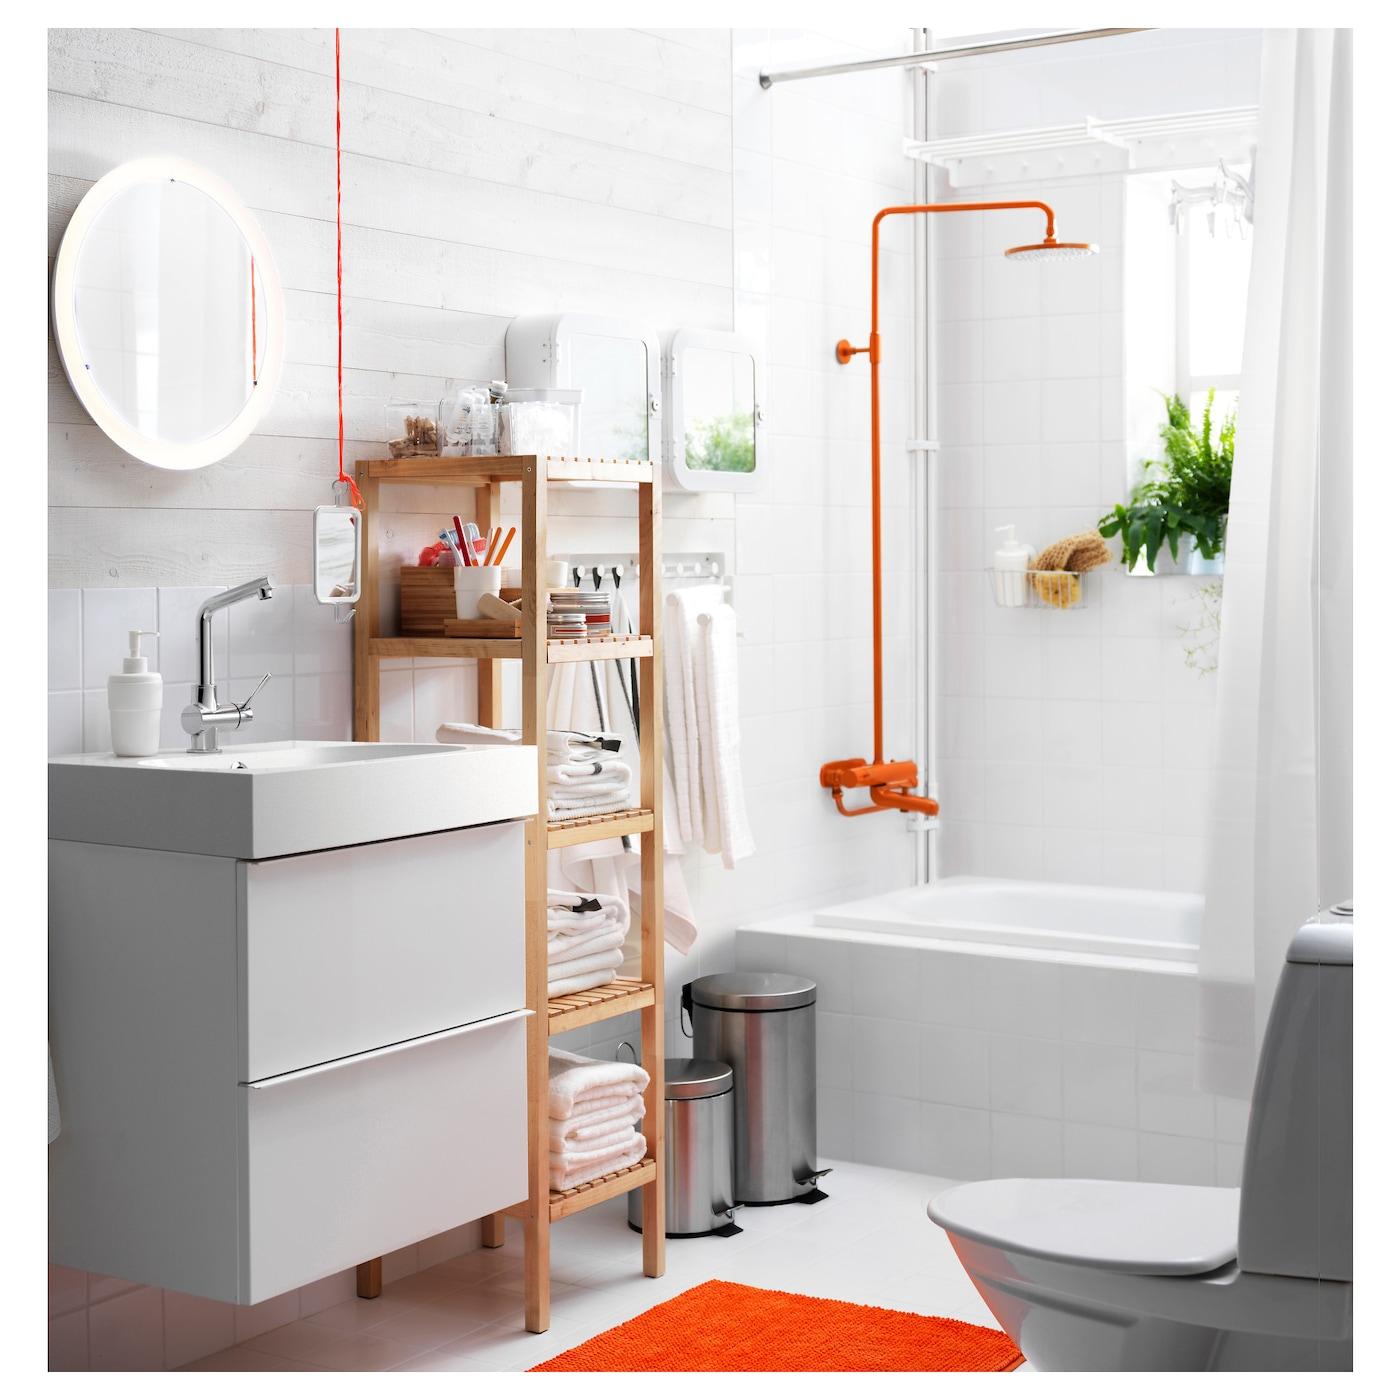 STORJORM Miroir avec éclairage intégré - blanc 20 cm